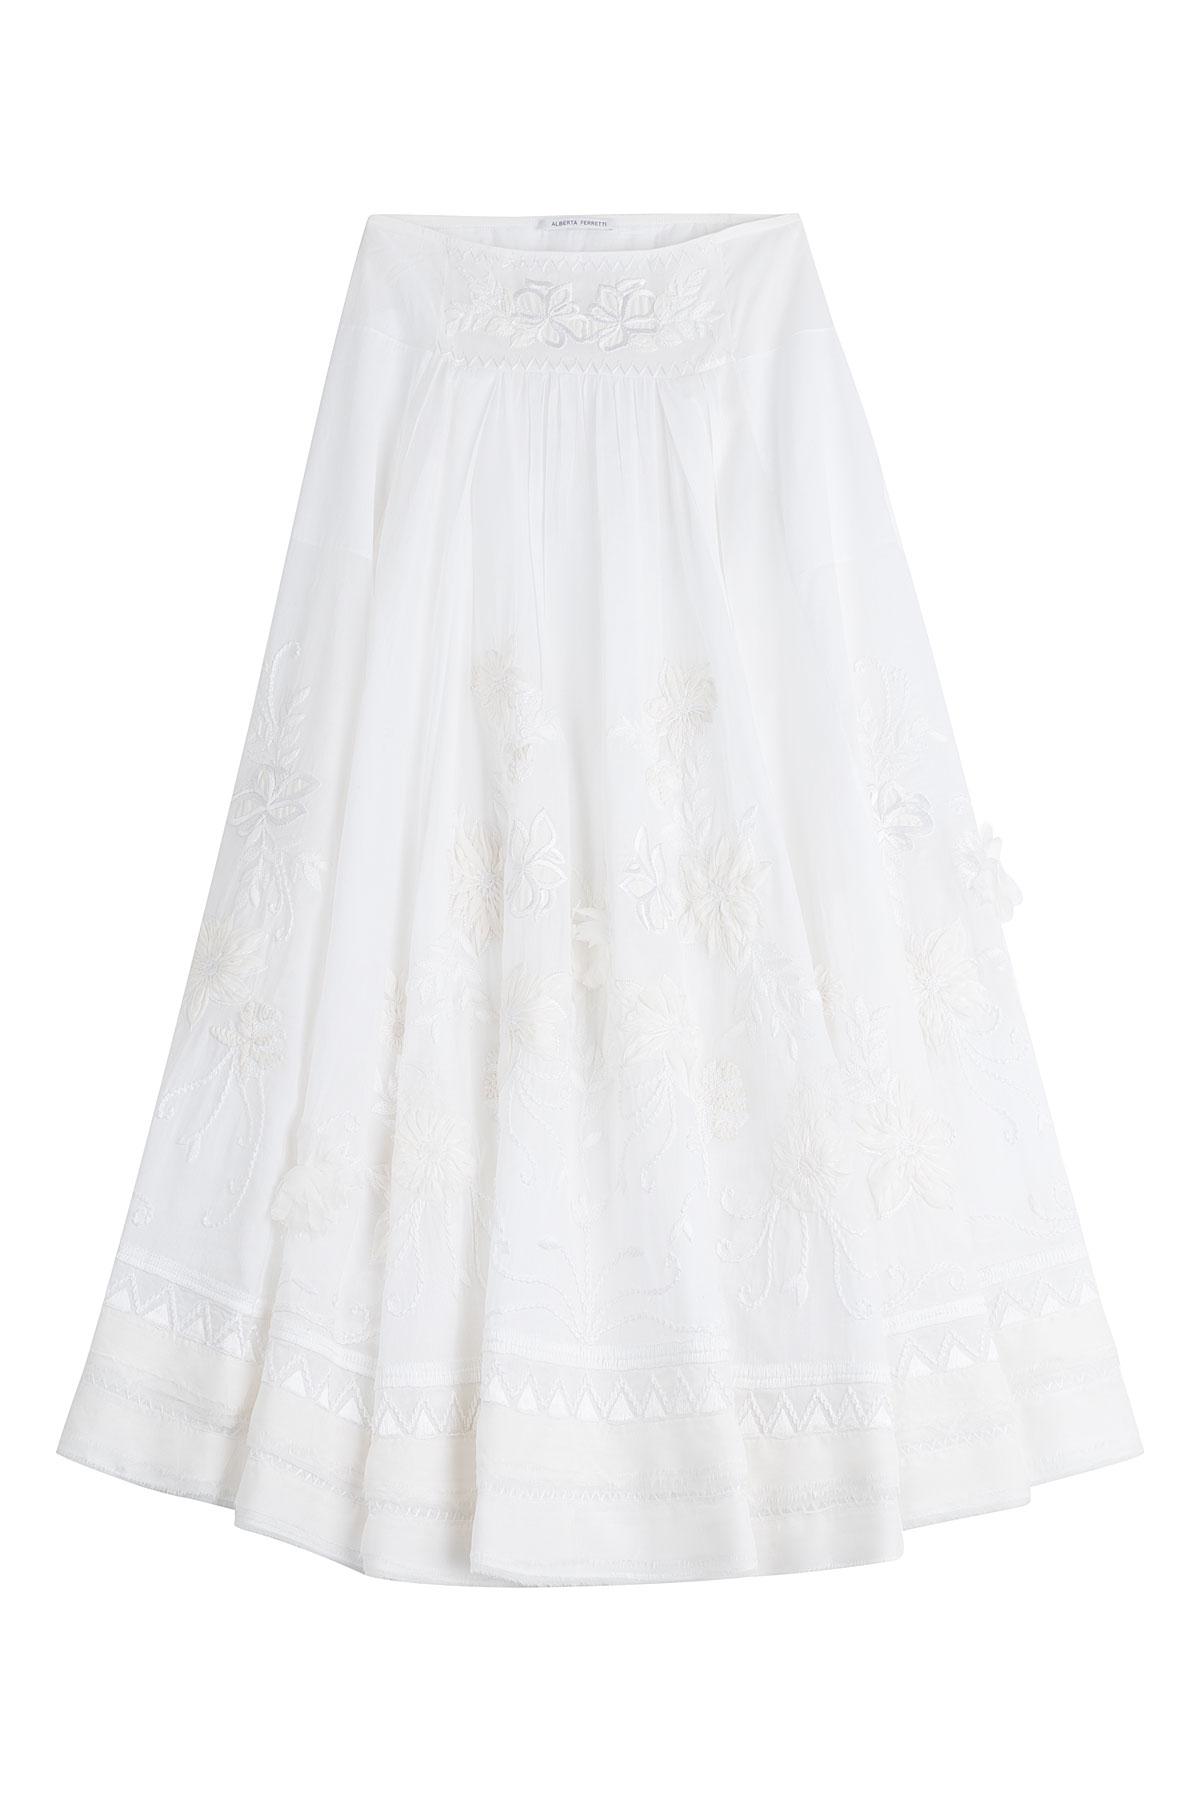 alberta ferretti embroidered cotton maxi skirt white in